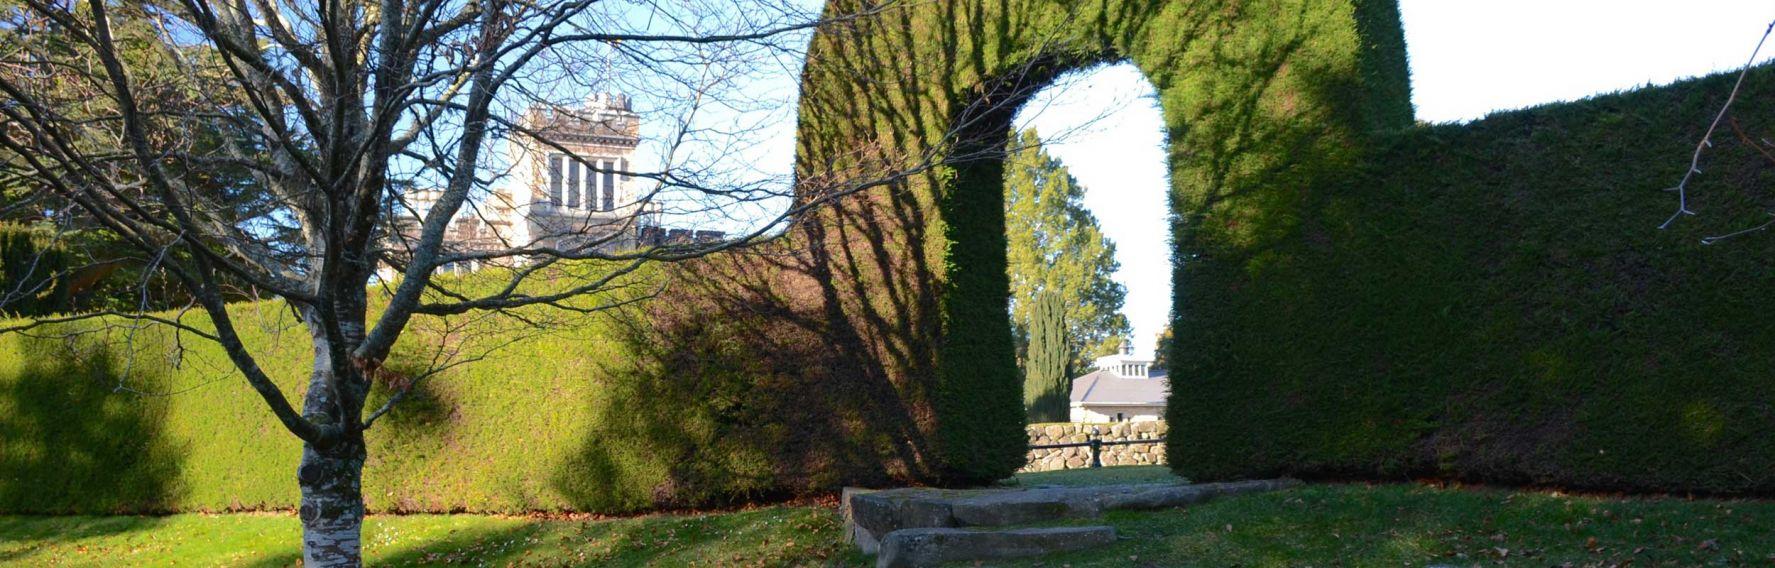 Screen Larnach Castle